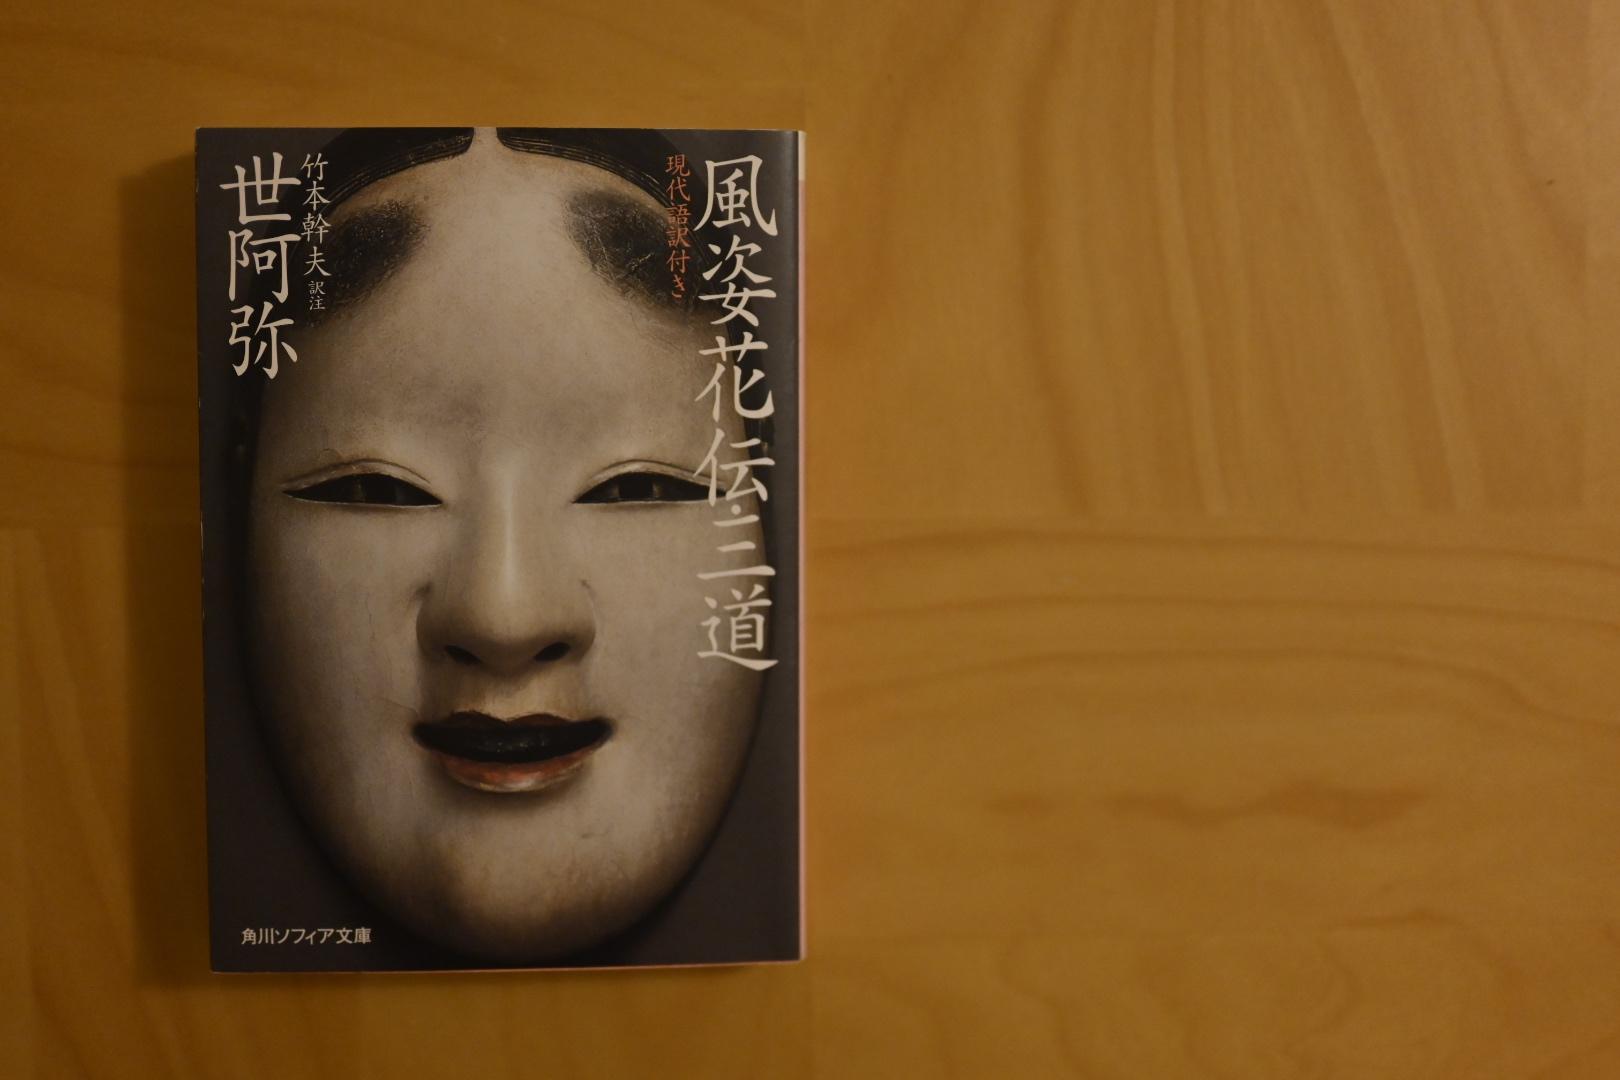 Fushikaden-zeami-book-review-1